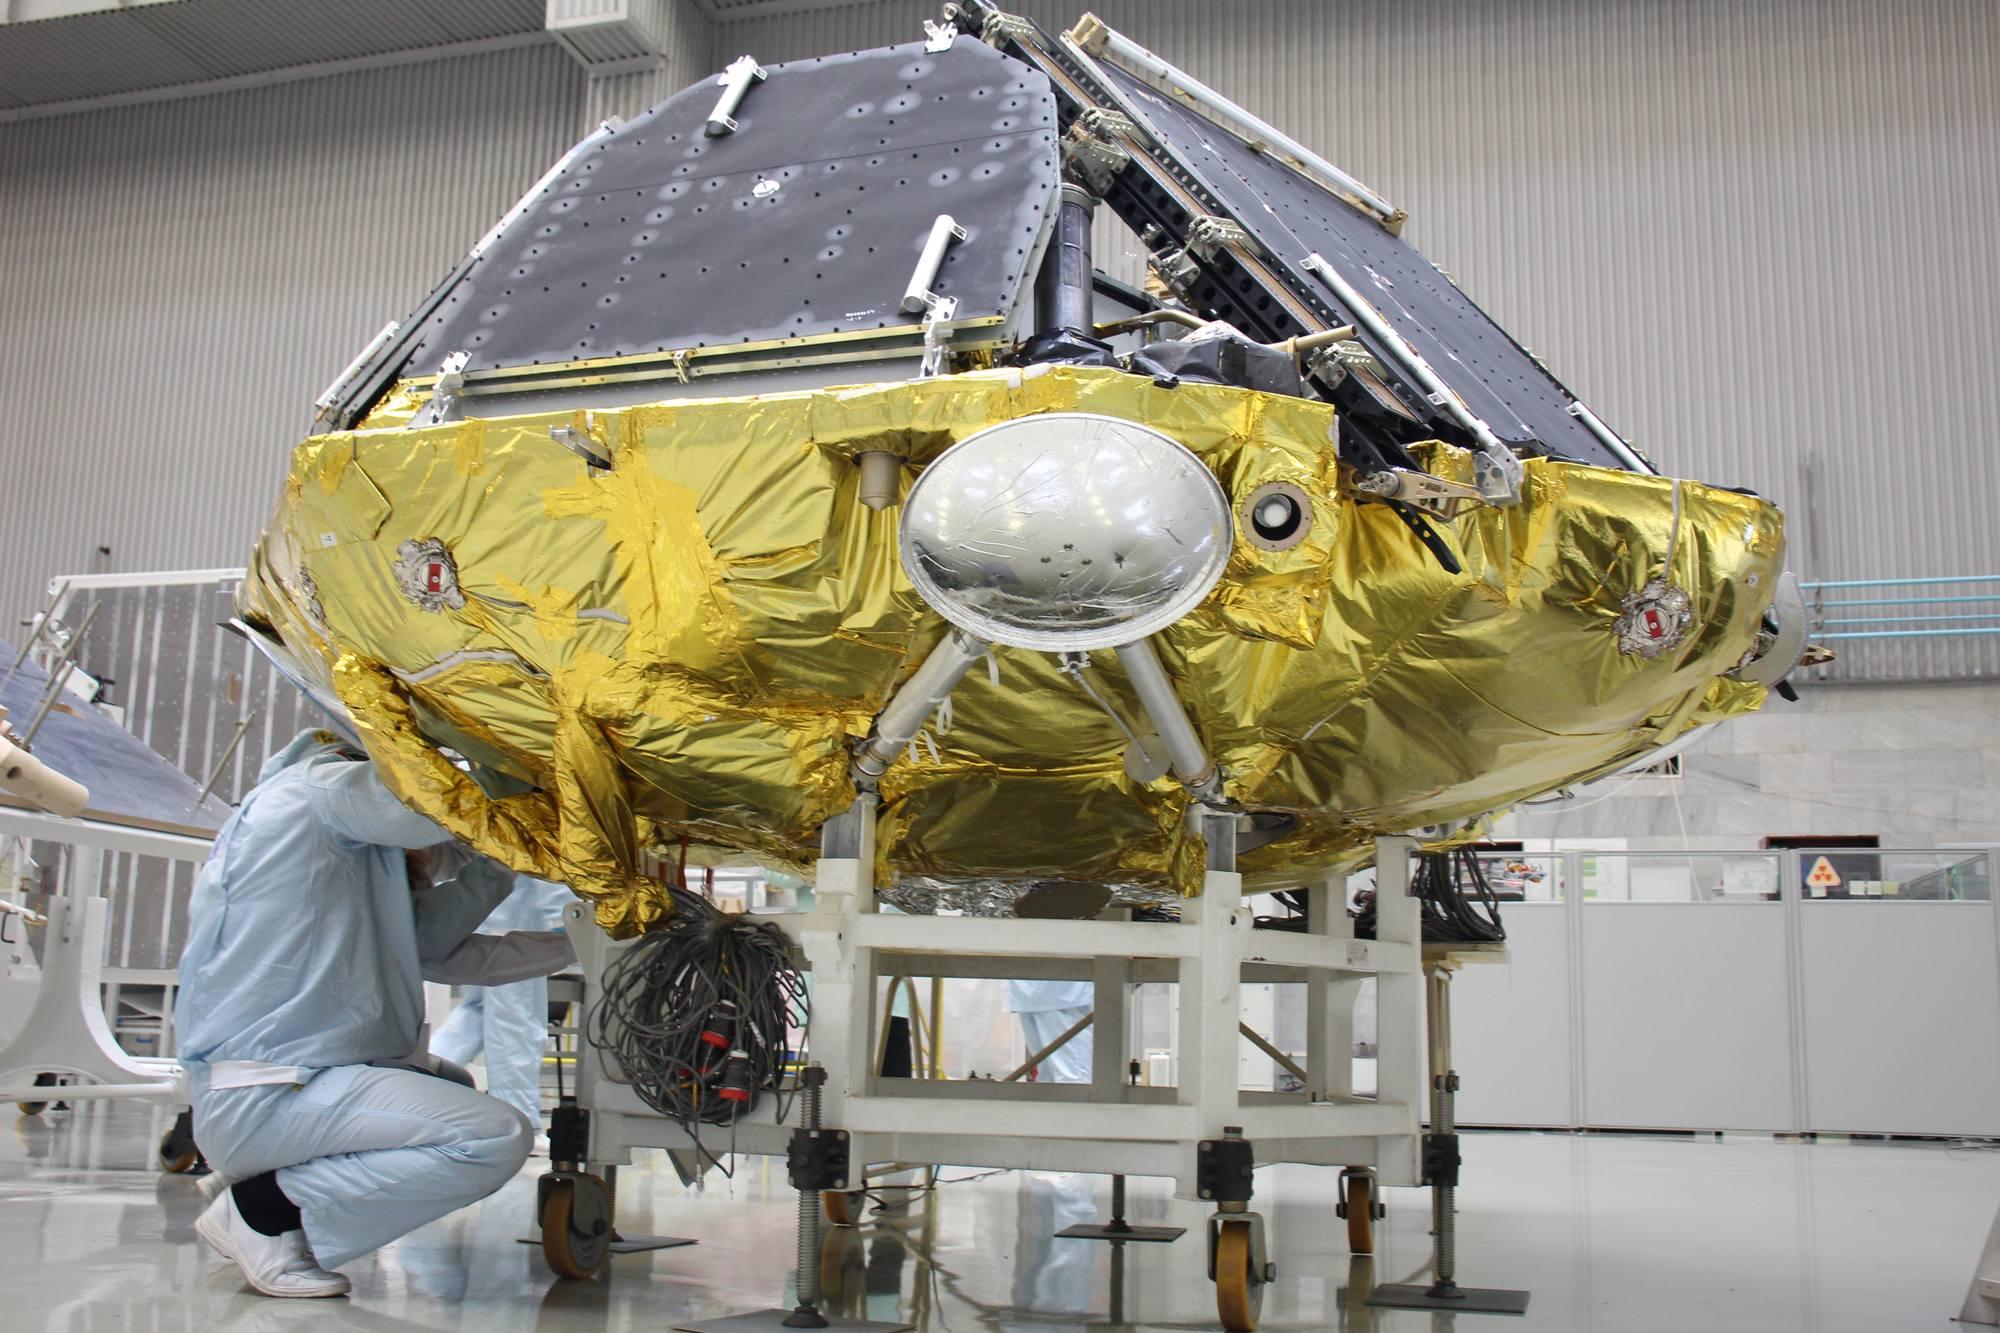 Un modèle de test au vide du module Kazachok d'ExoMars 2022.